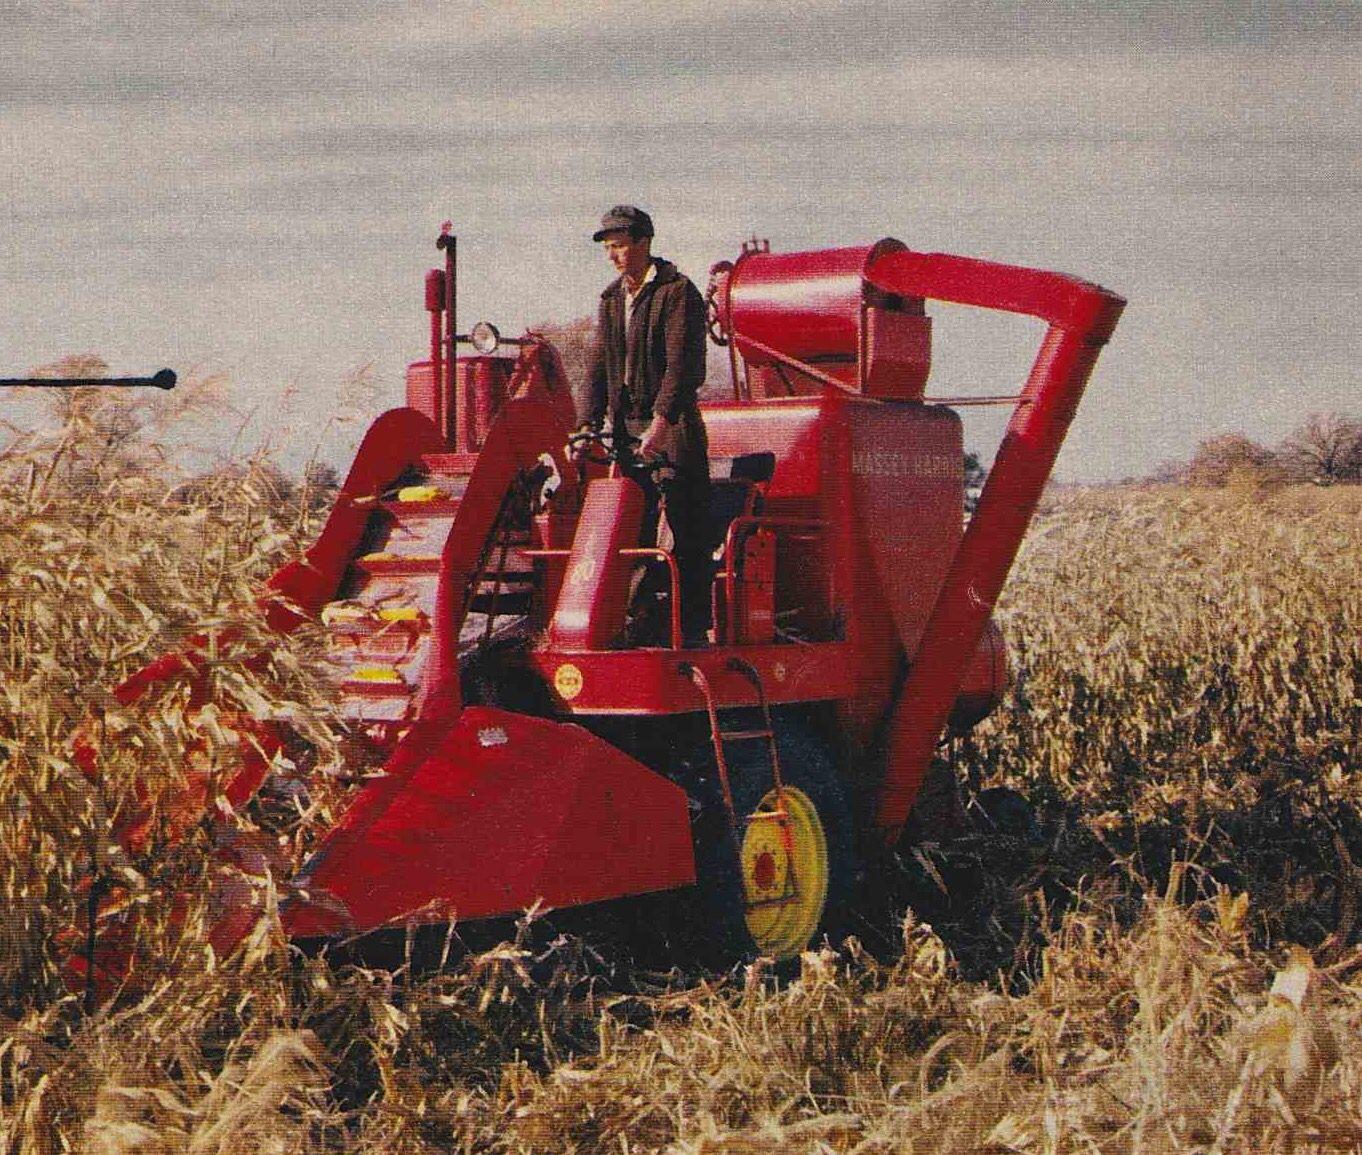 Cartoon Tractor Corn Picker : Massey harris corn picker vintage combines pinterest